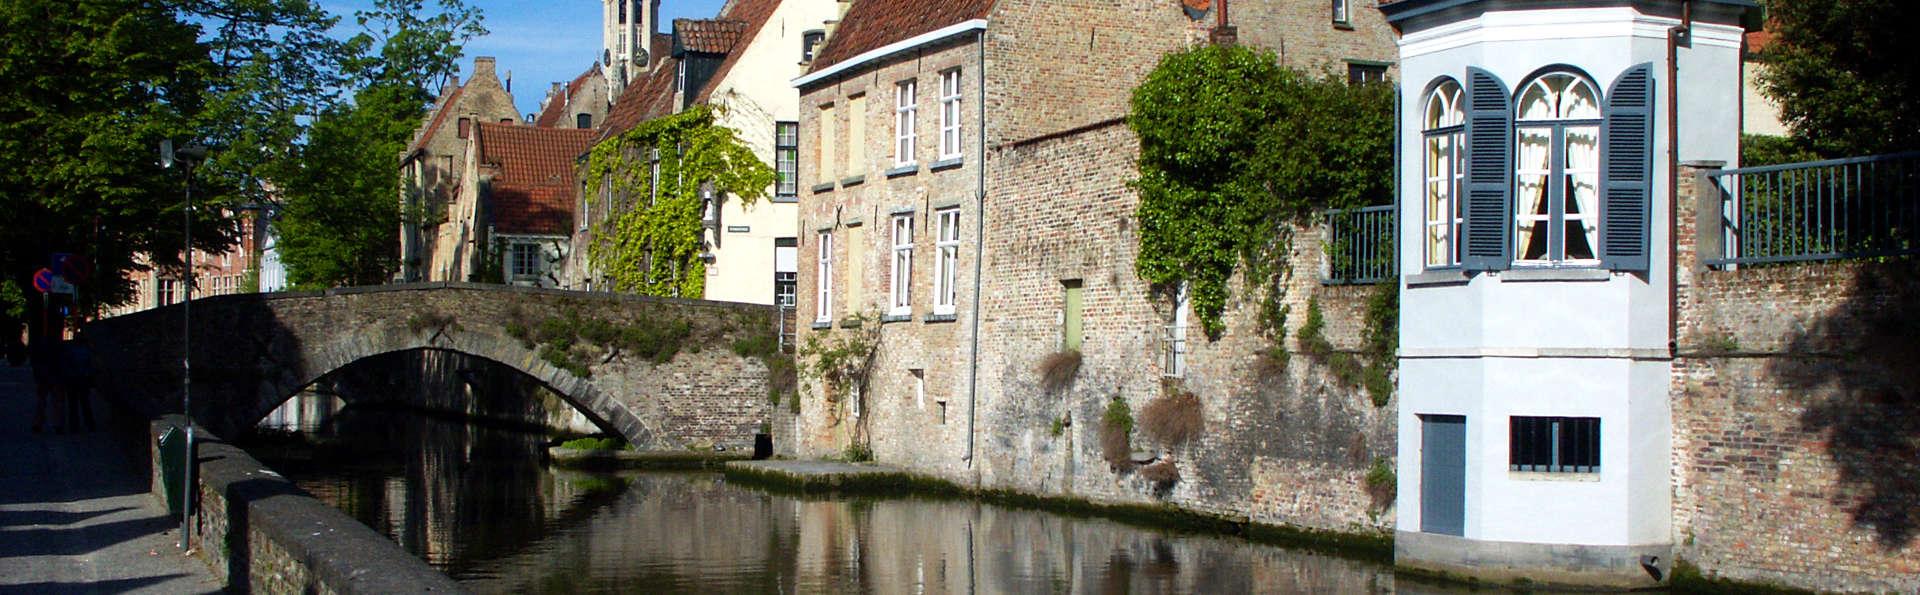 Culture, charme et vue sur les canaux au cœur de Bruges